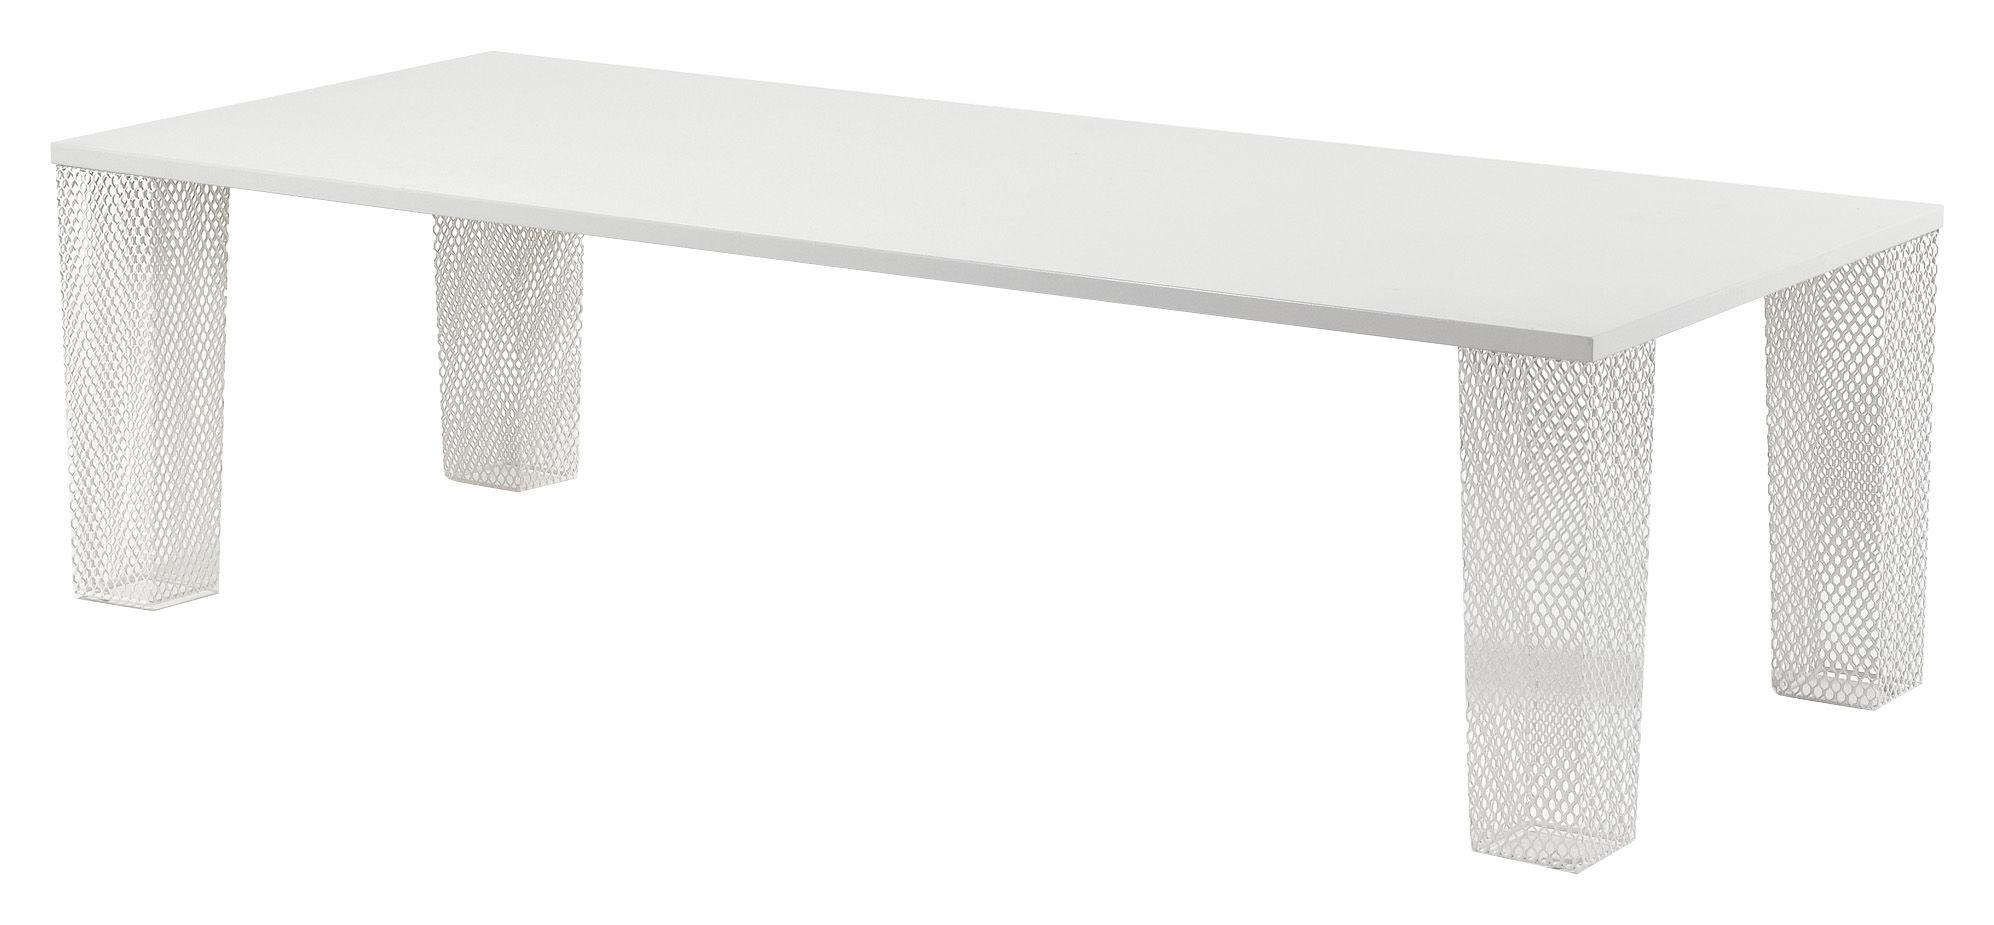 Outdoor - Garden Tables - Ivy Garden table - Tissue version by Emu - White - Steel